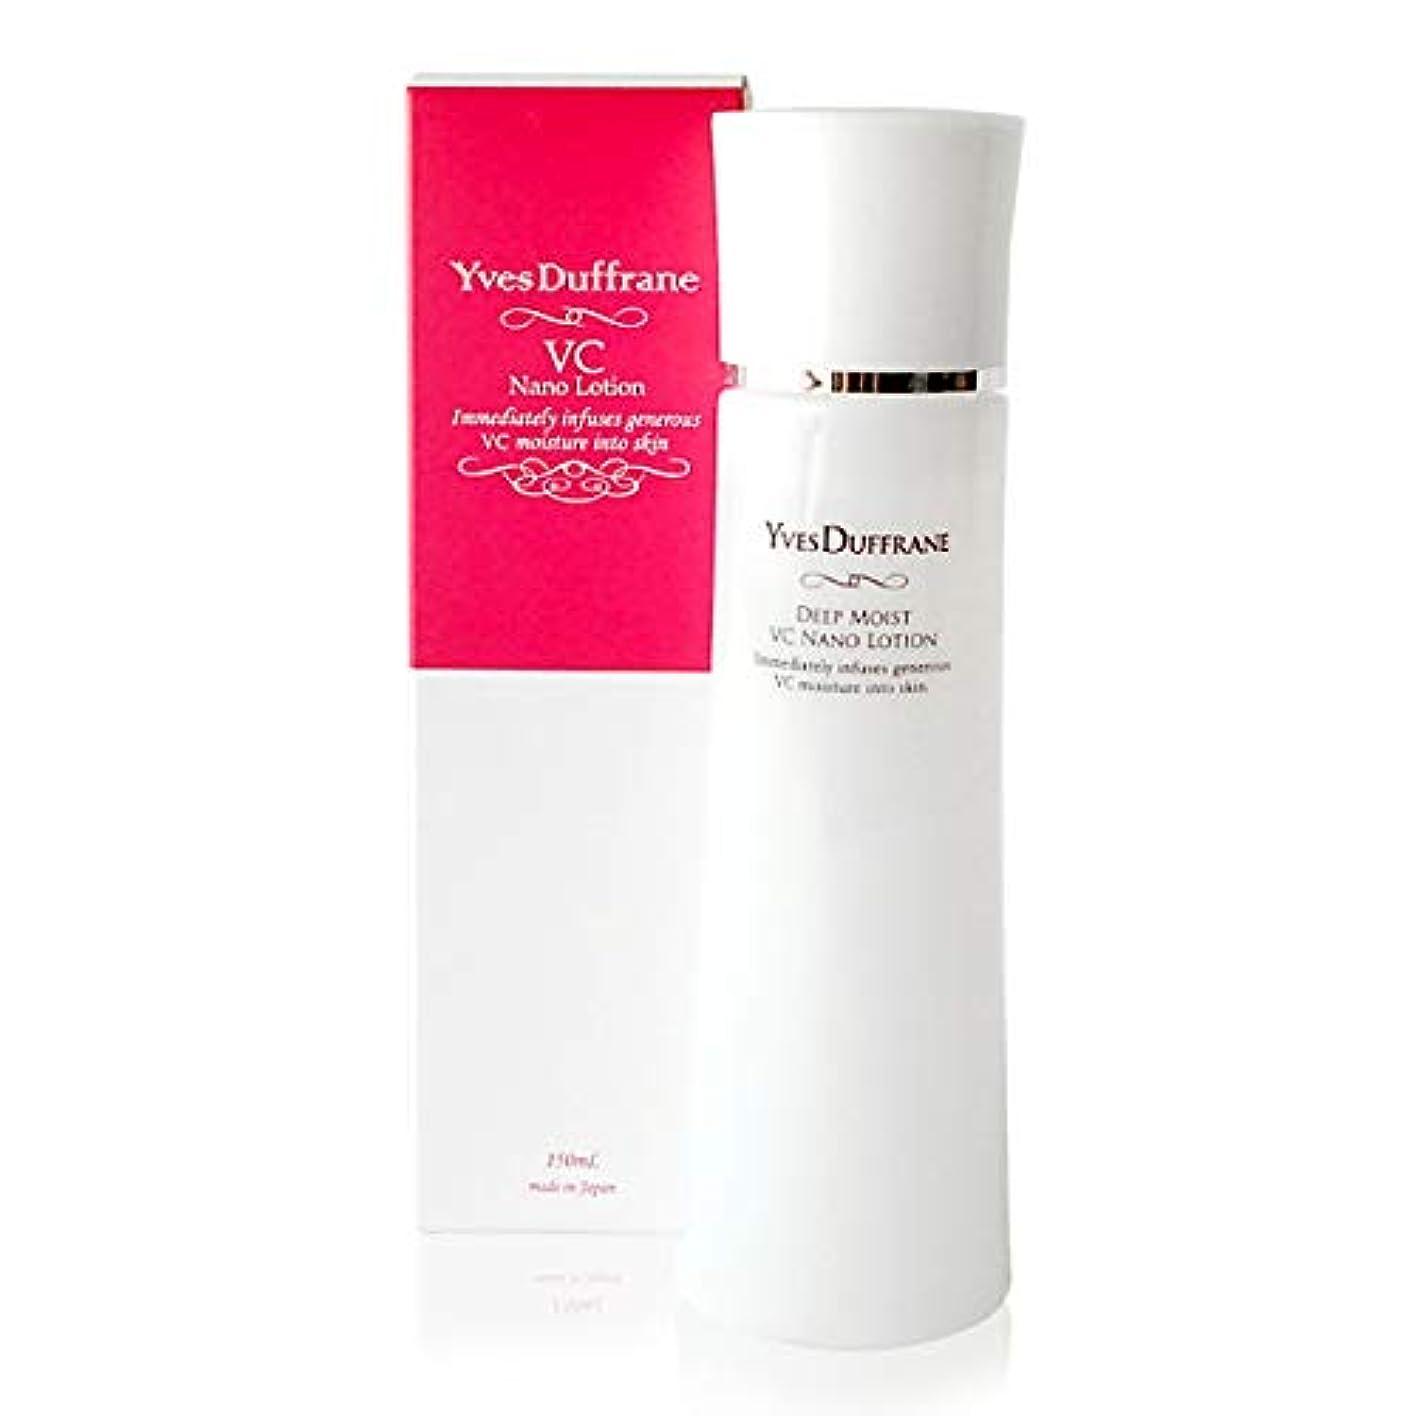 ビタミンC誘導体 ナノ 化粧水   VC ナノ化粧水   高保湿 乾燥 毛穴 敏感肌 メンズ OK